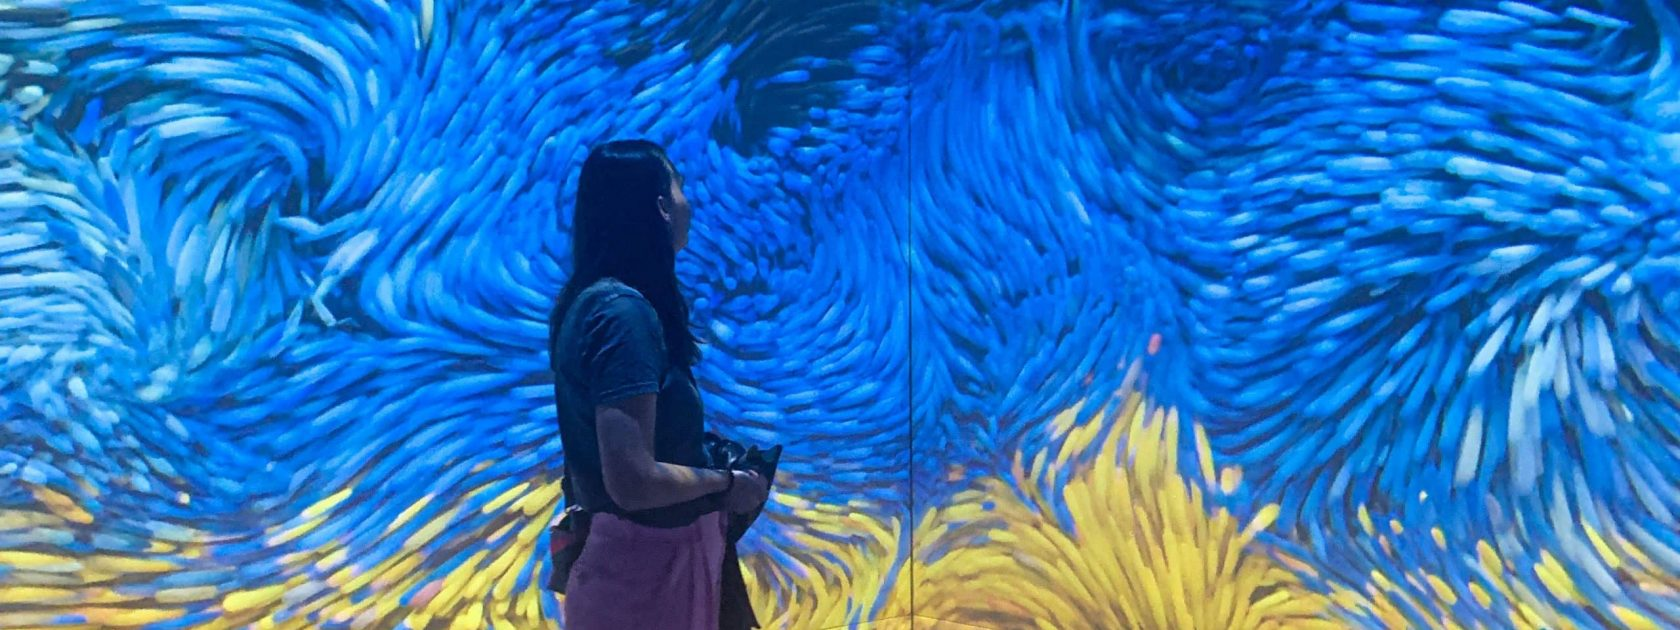 Onder de Erasmusbrug vind je de unieke Remastered Experience, waar je een wordt met kunst en muziek. Toffe projecties brengen je naar een wereld geïnspireerd door Oude Hollandse Meesters.